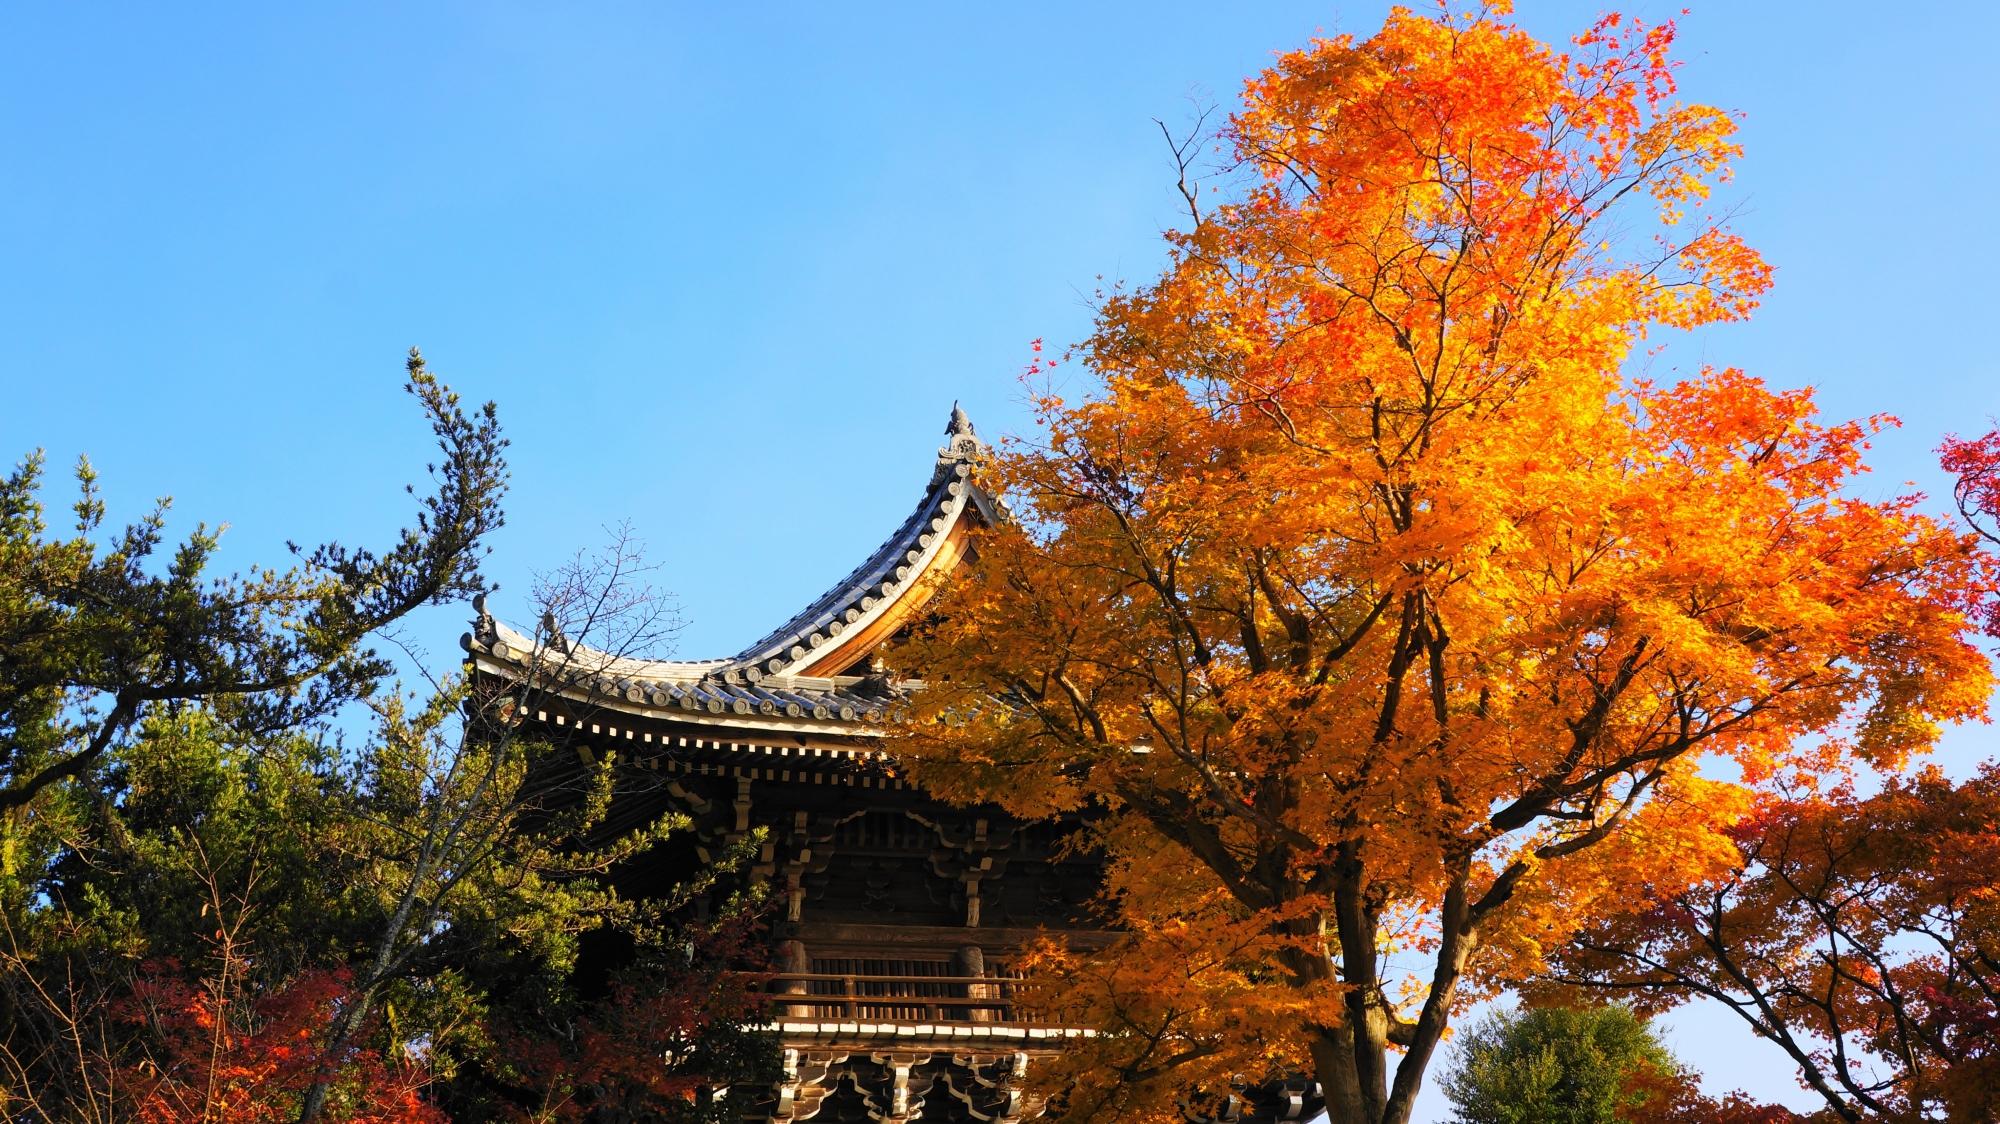 善峯寺の青空に映える紅葉